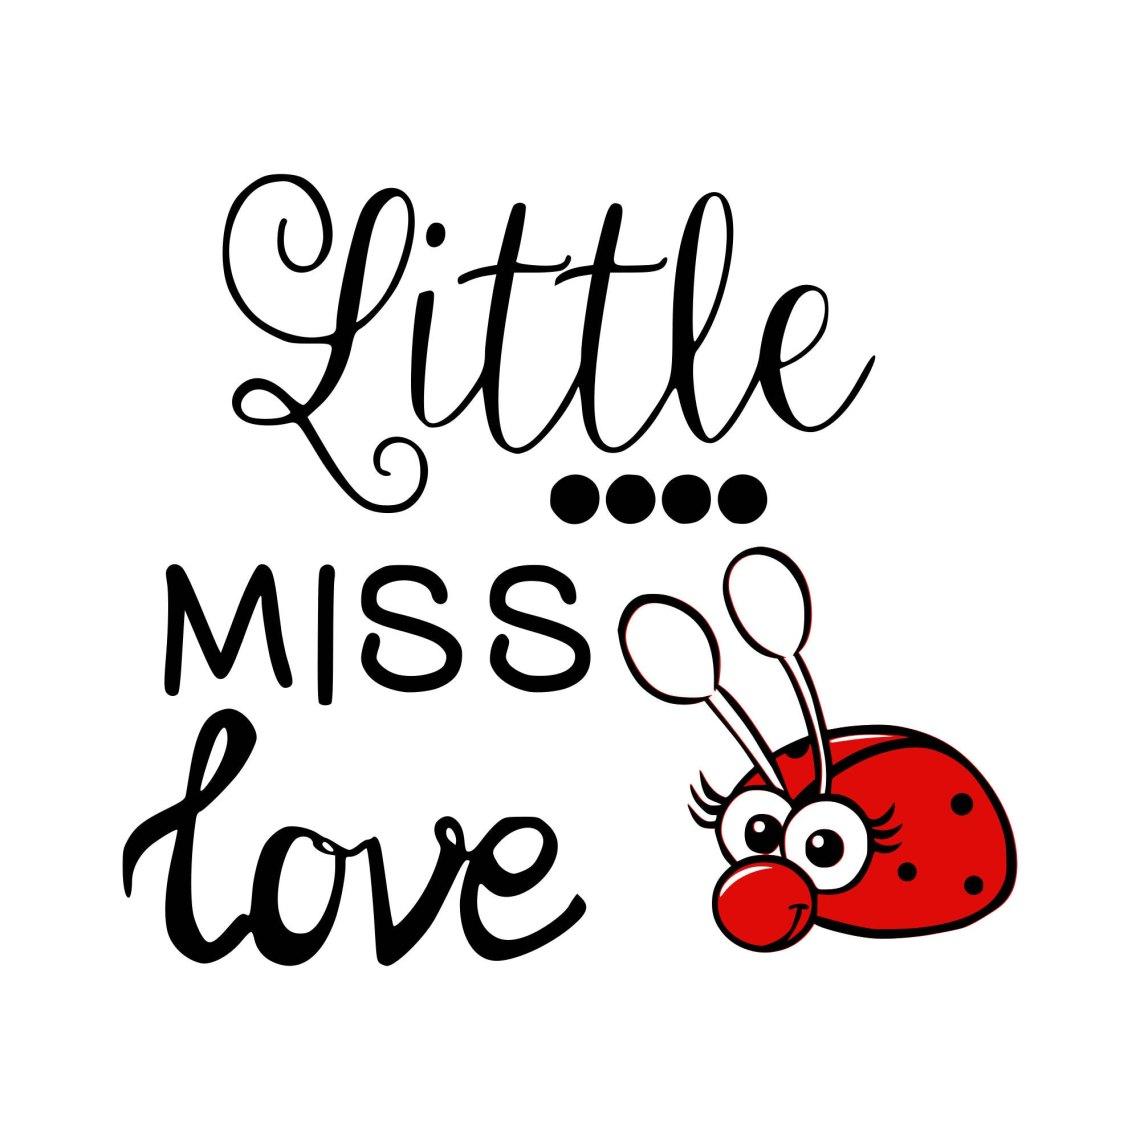 Download Love bug svg Little miss love svg Bug svg Valentines day ...